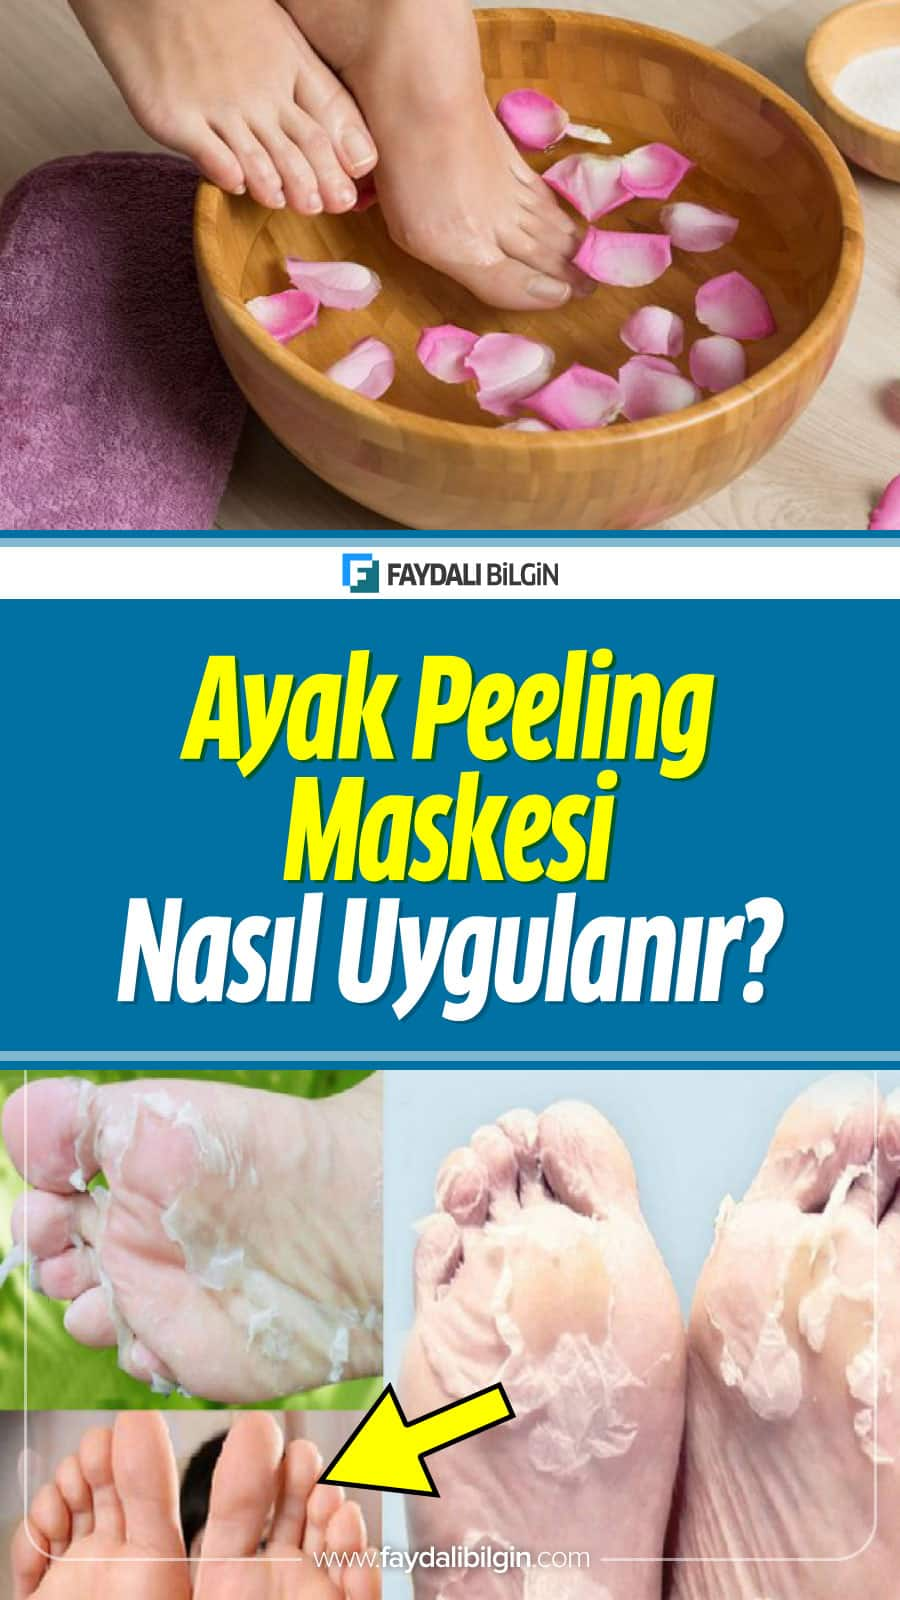 Ayak Peeling Maskesi Nasıl Uygulanır?